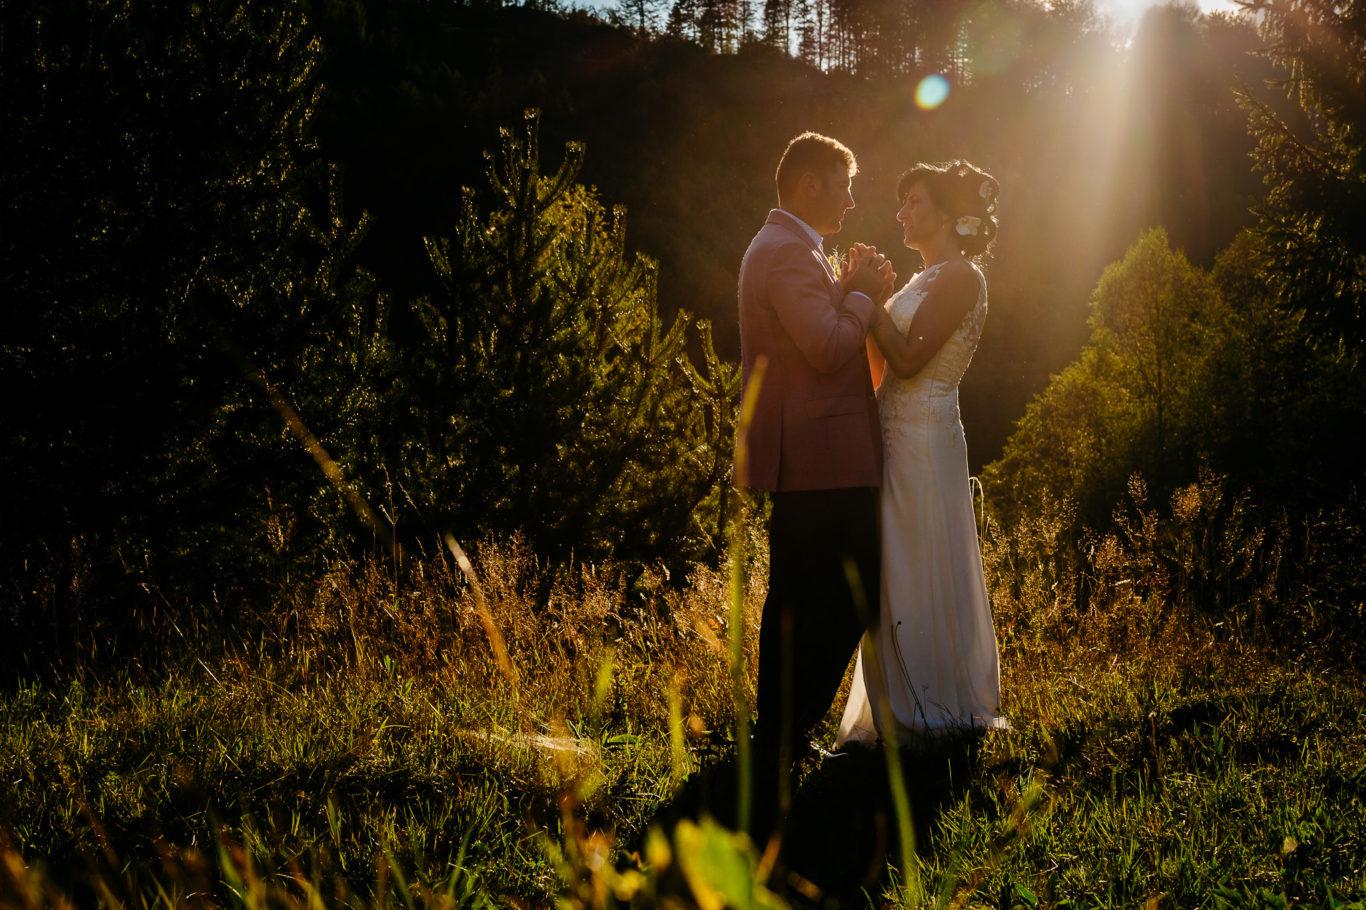 0440-fotografie-nunta-valea-de-pesti-vero-dani-fotograf-ciprian-dumitrescu-dc1_1077